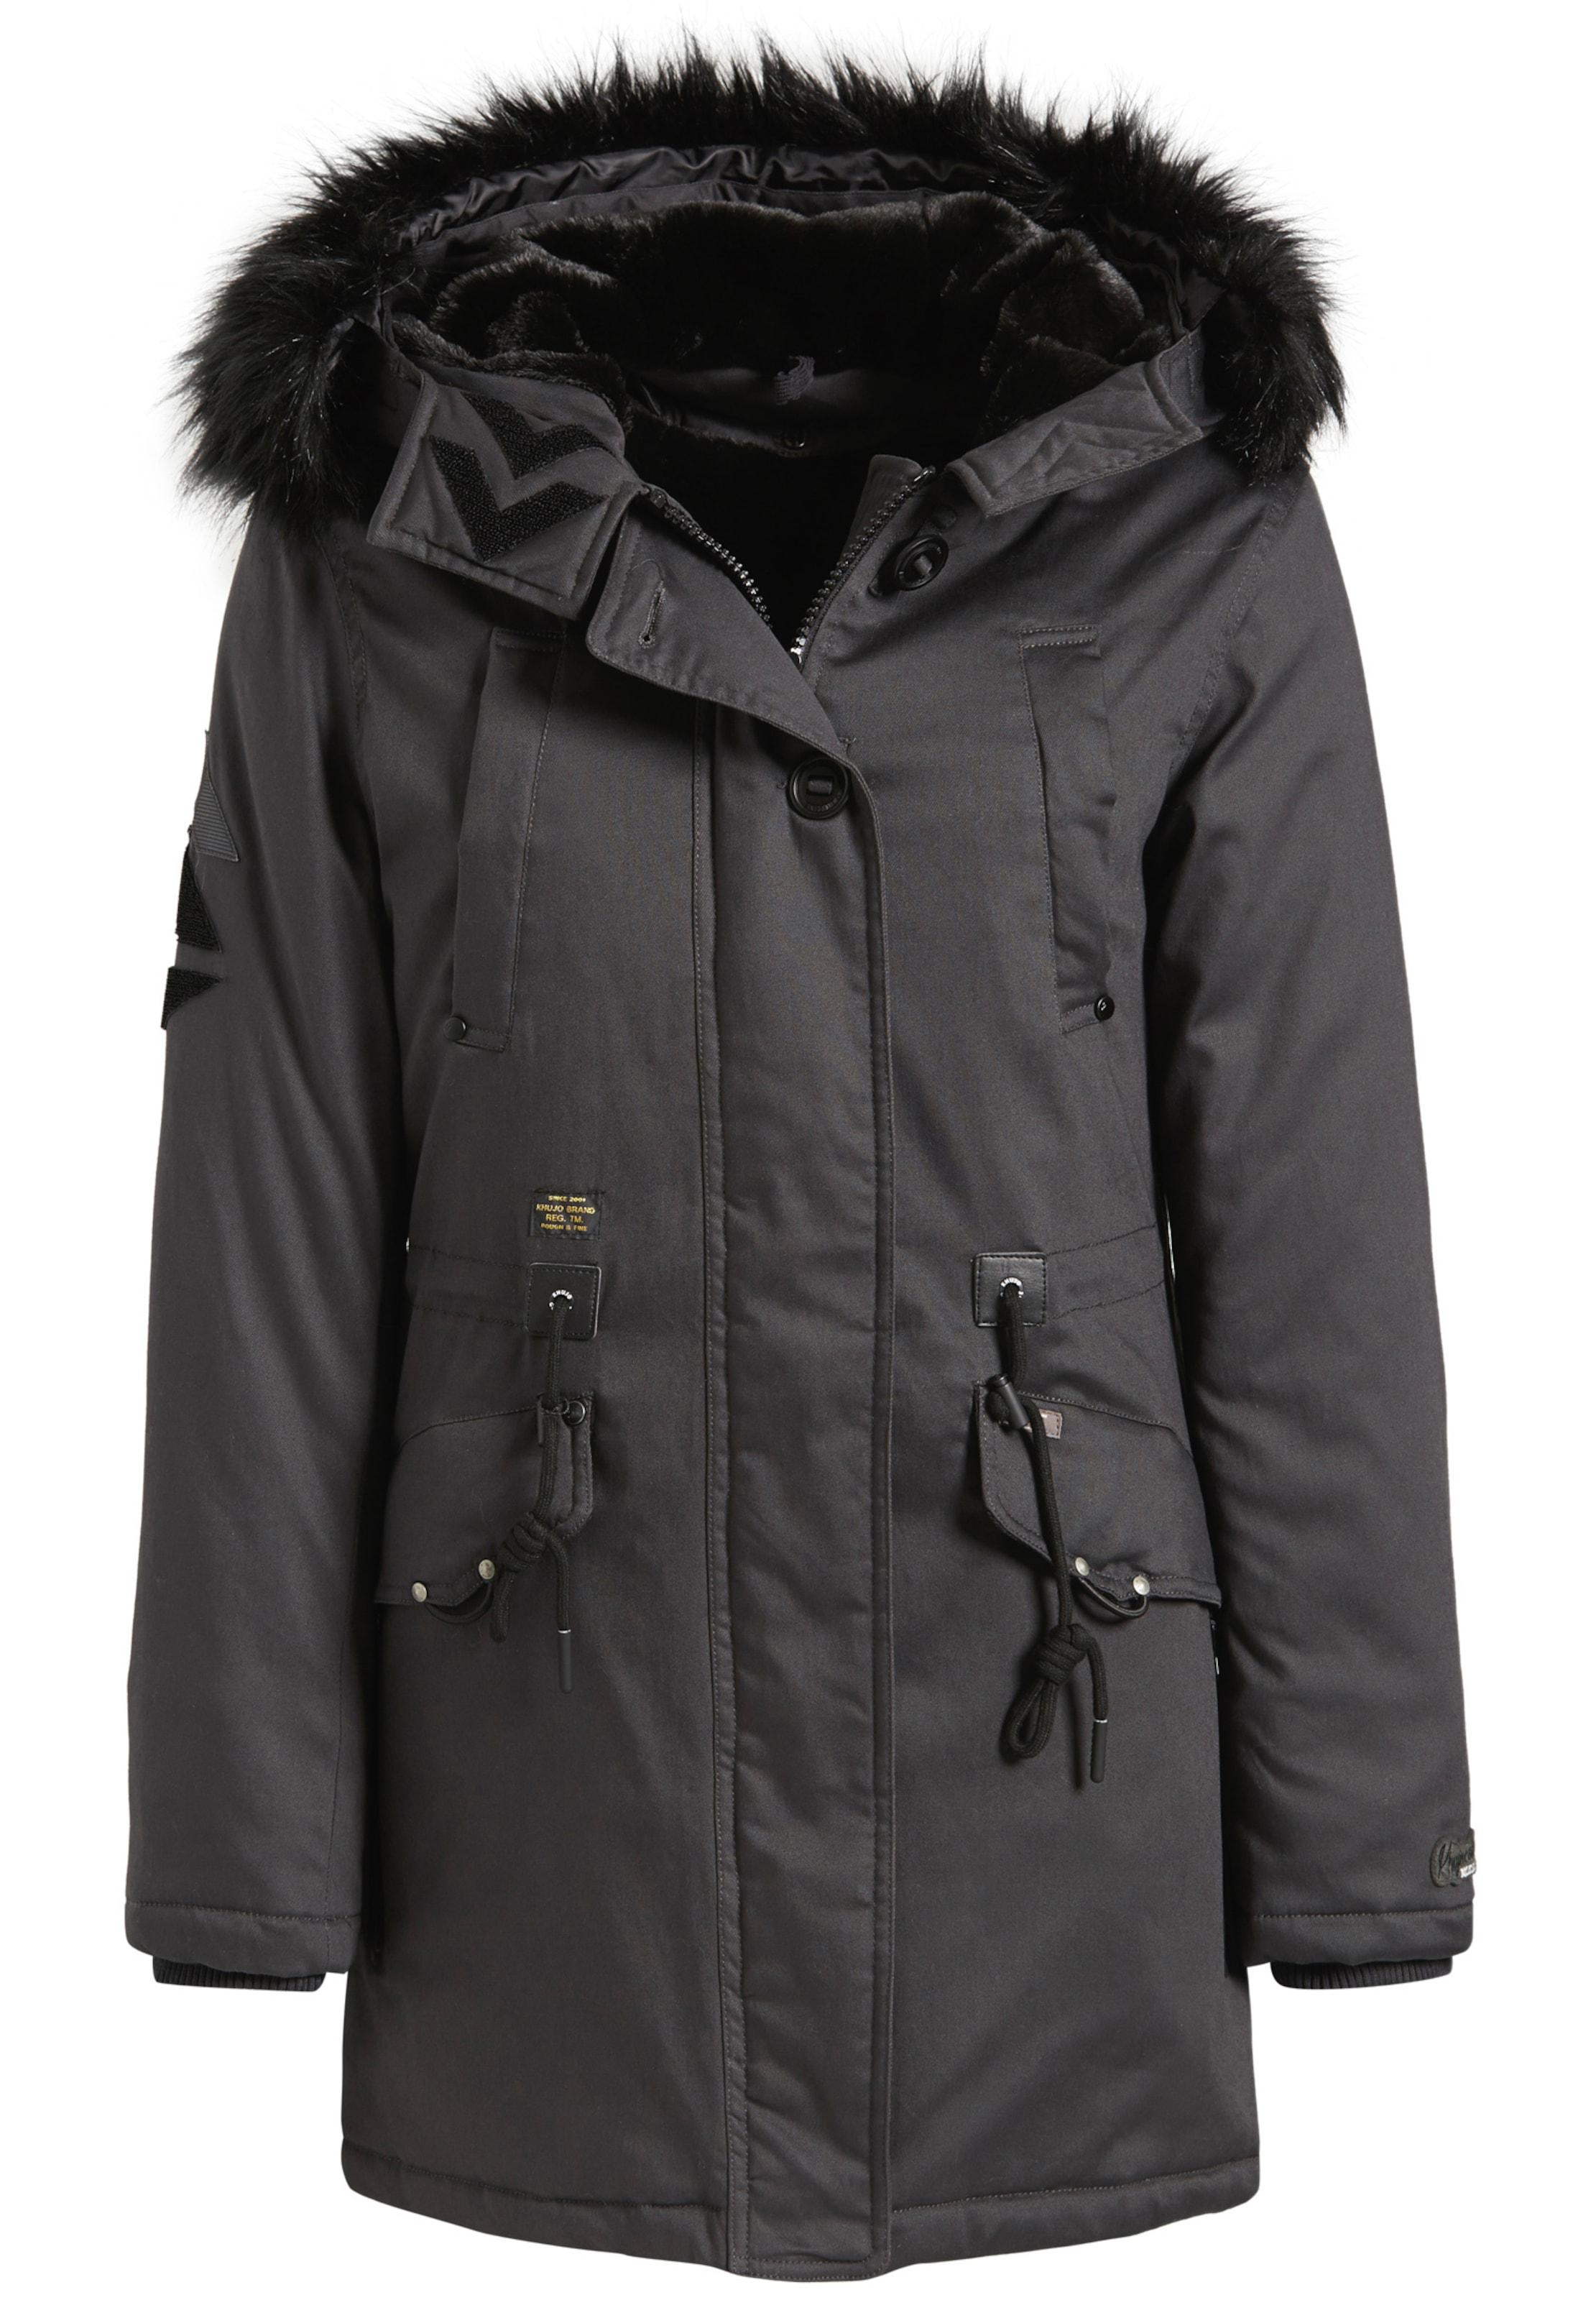 KhujoParka Noir D'hiver D'hiver In KhujoParka 'crystel' kX0wOP8n